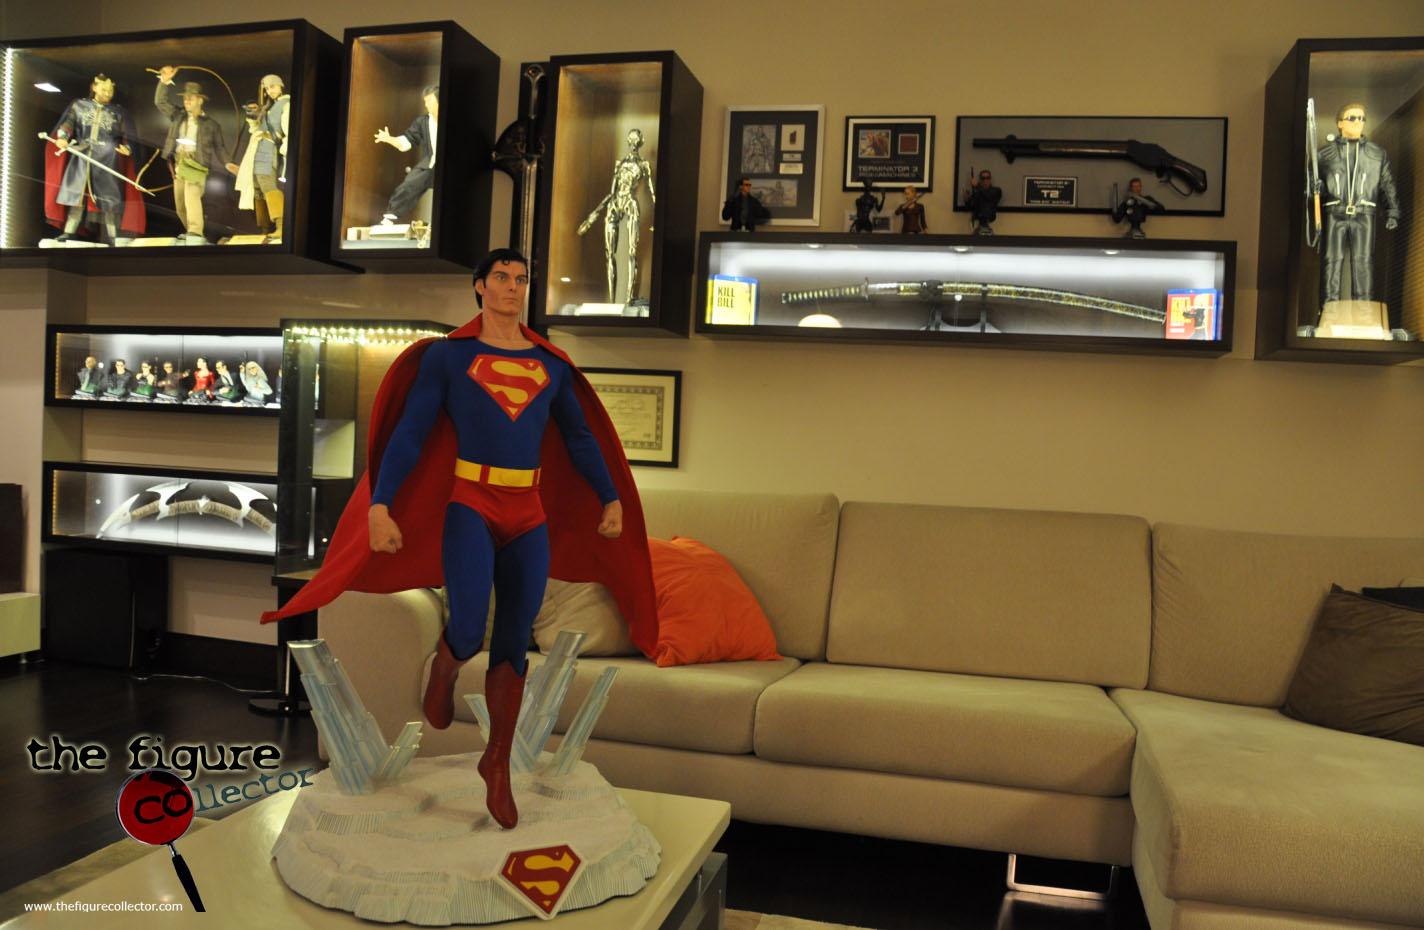 Colecao do Turco louis gara do forum Sideshow Collectors! Pobrinho!!! Superman-Cinemaquette-17